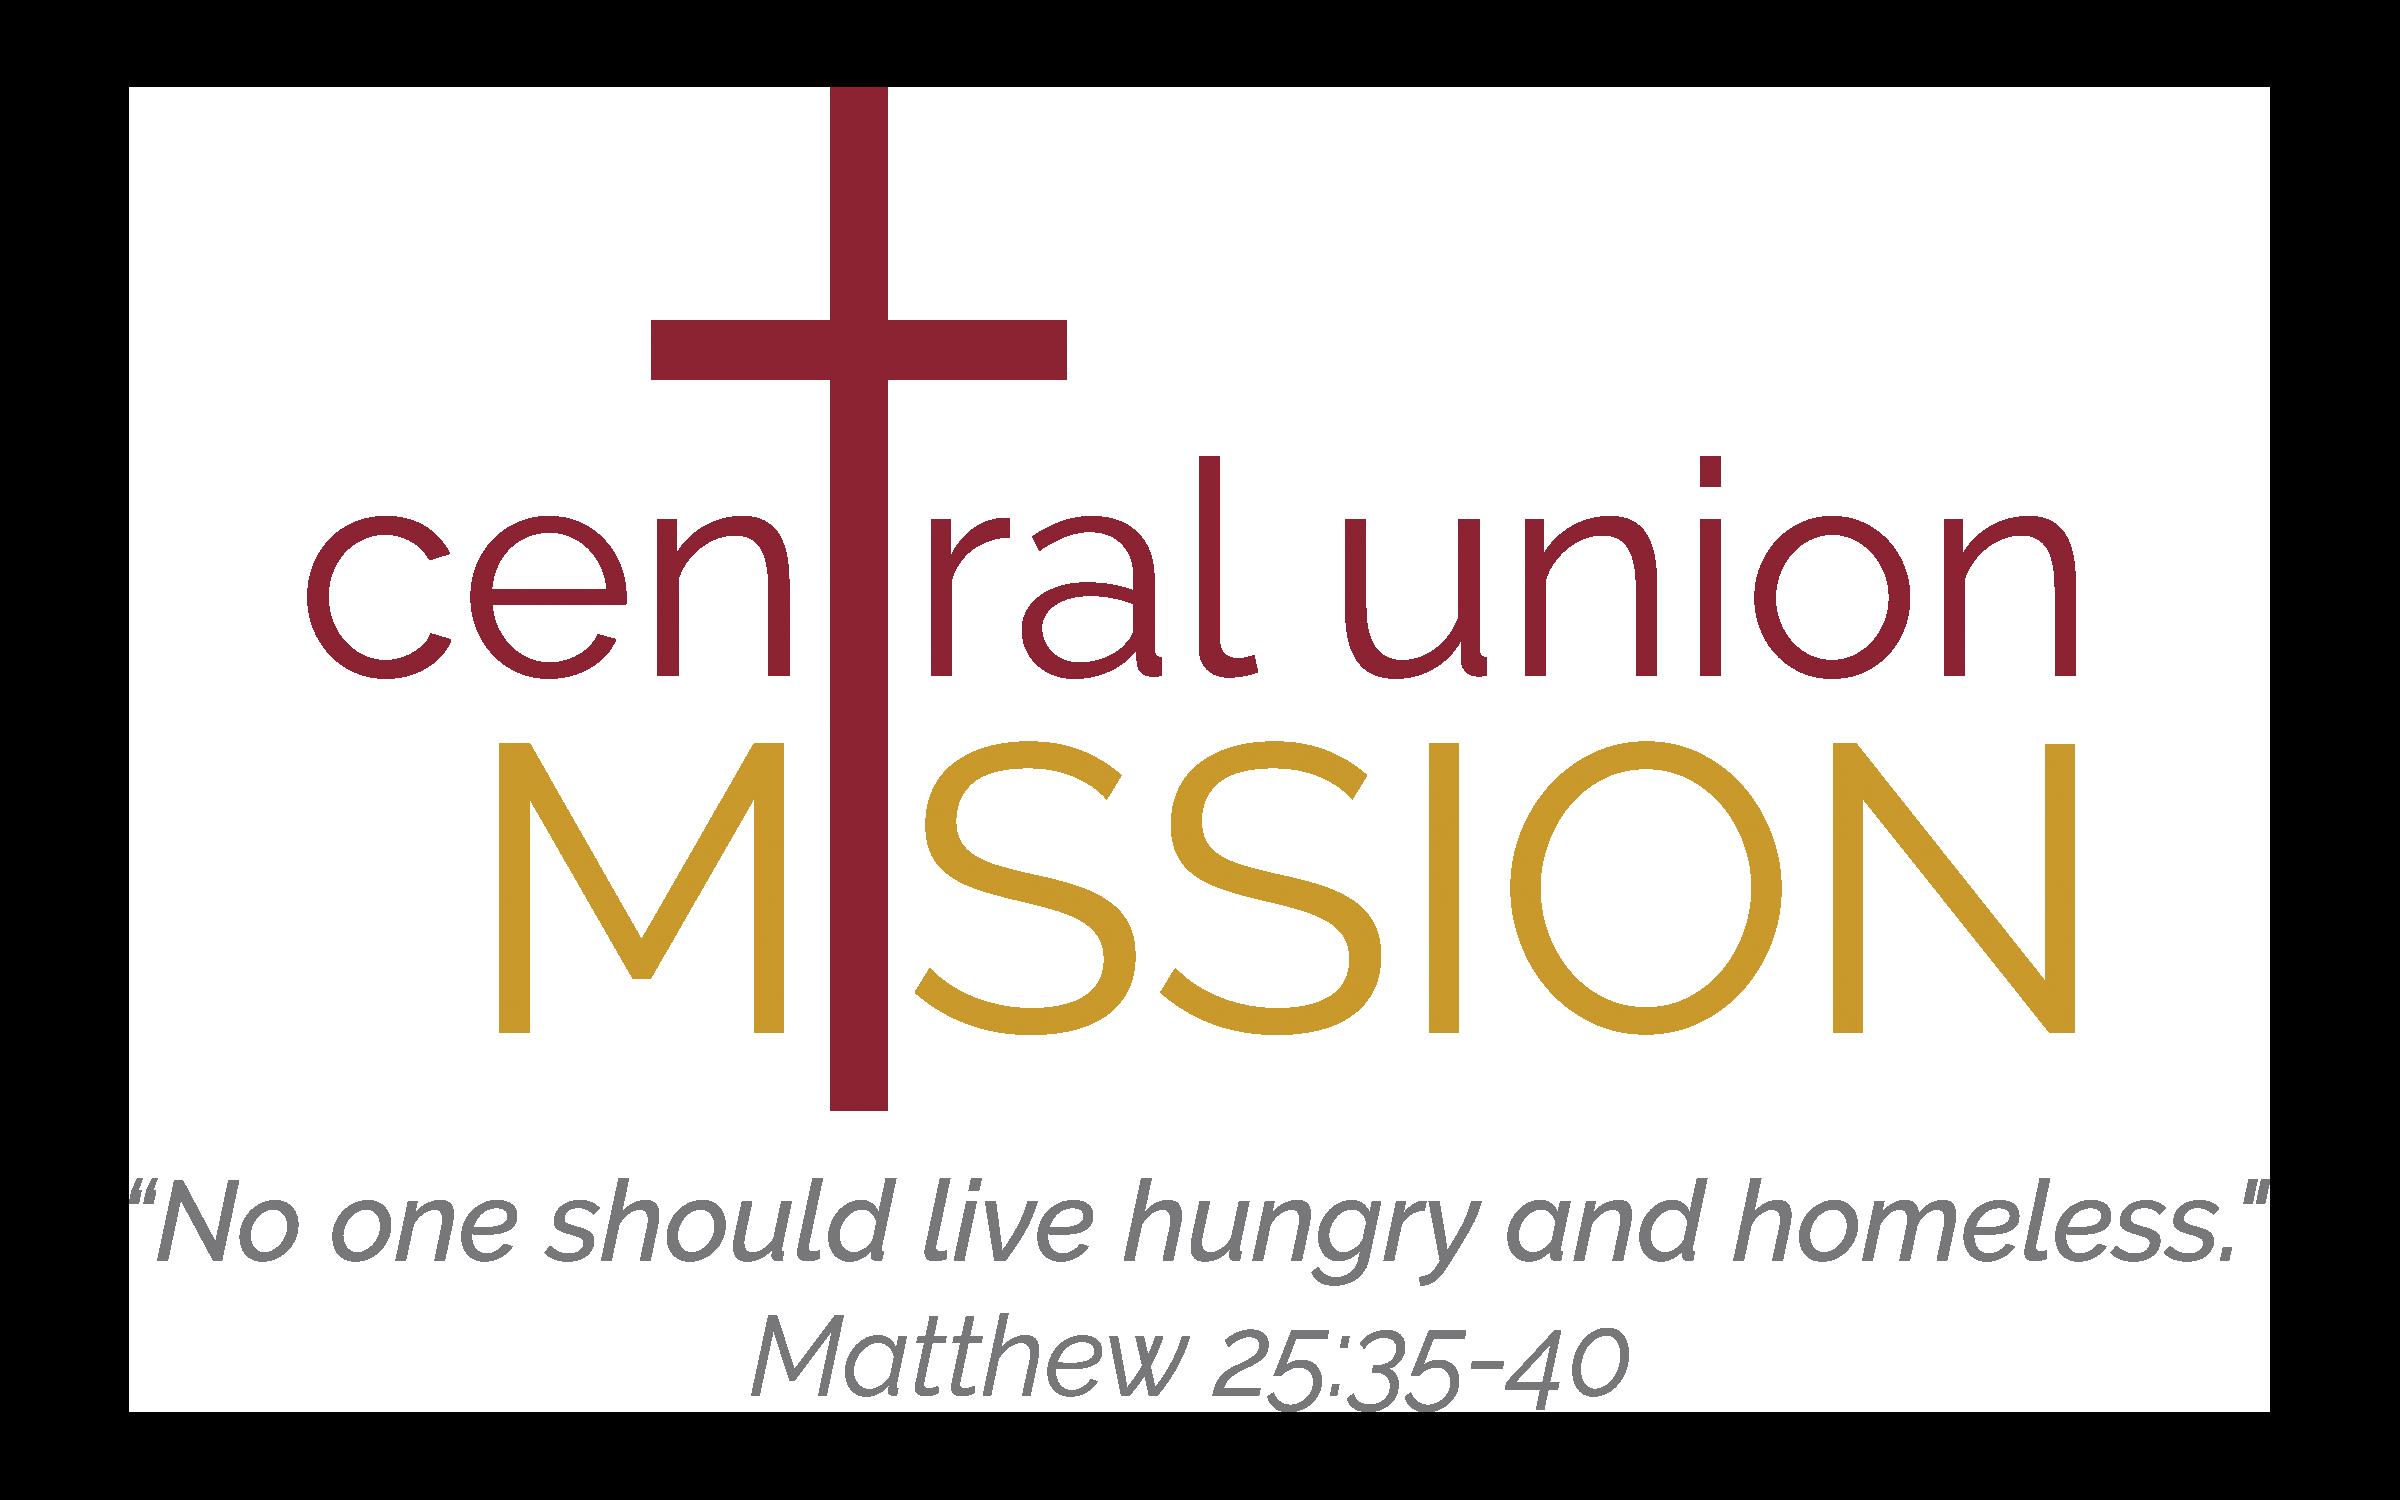 Central Union Mission